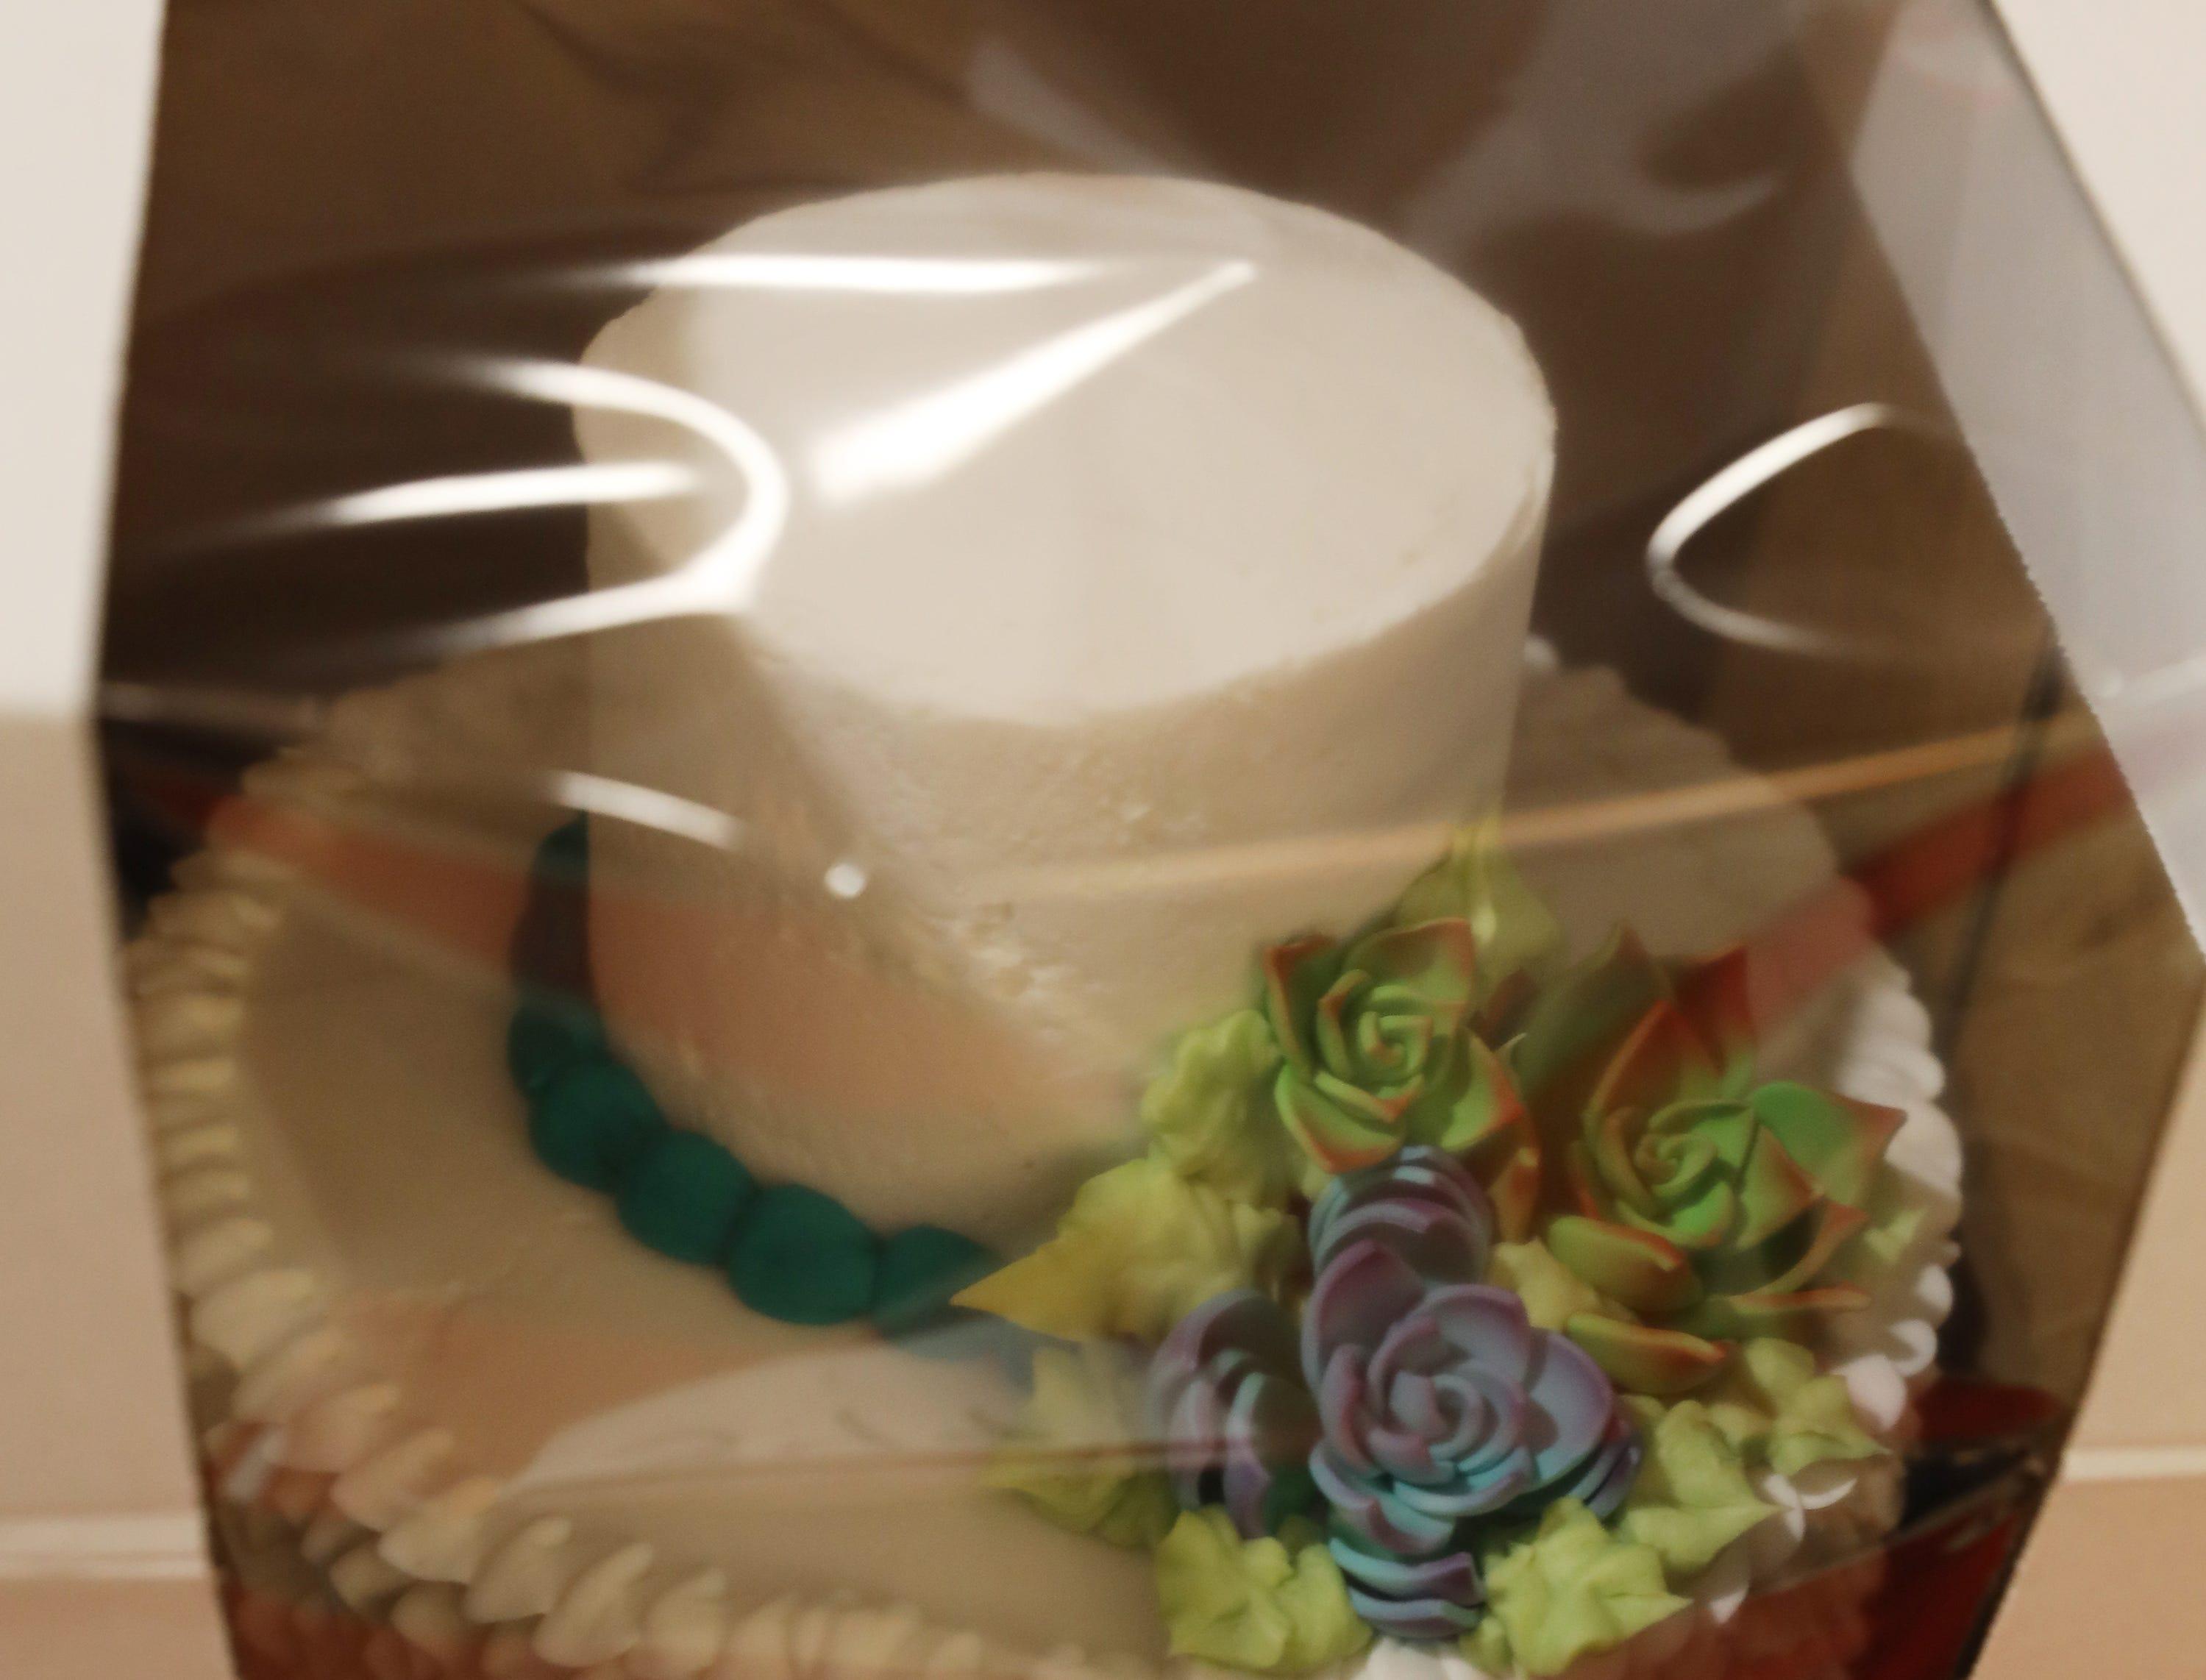 5:15 P.M. Friday cake 399 Kim Hosler Carr Center director - Eufy Boost IQ RoboVac slim design; $230